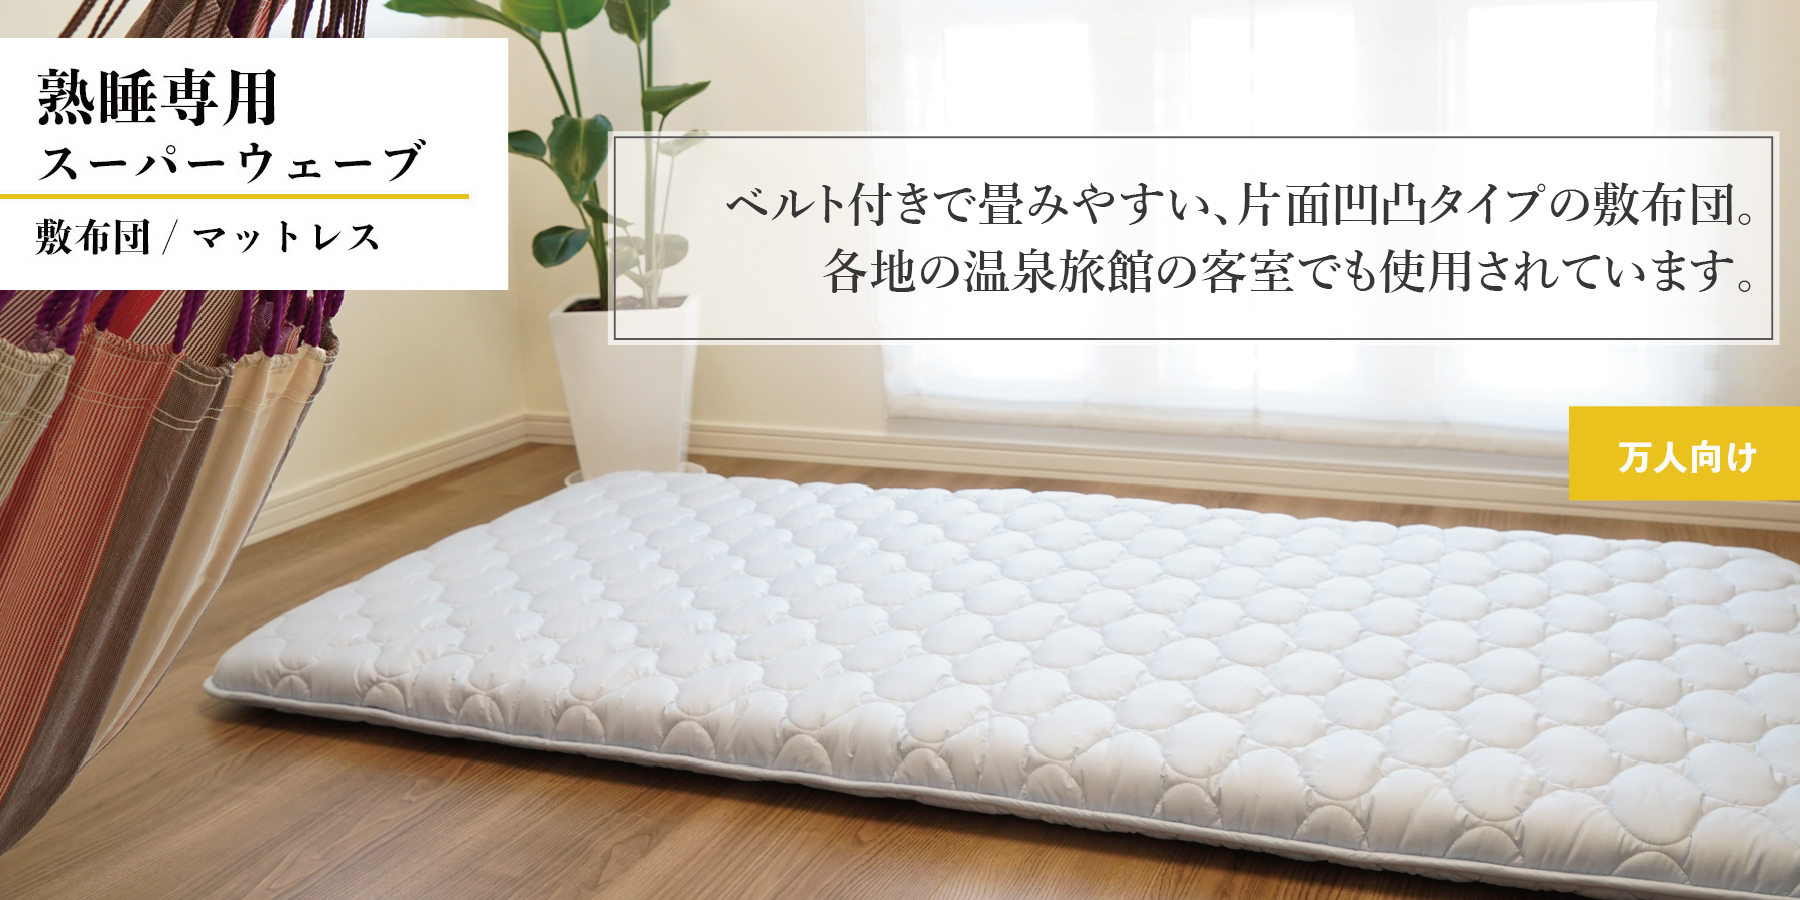 熟睡専用敷布団 バナー